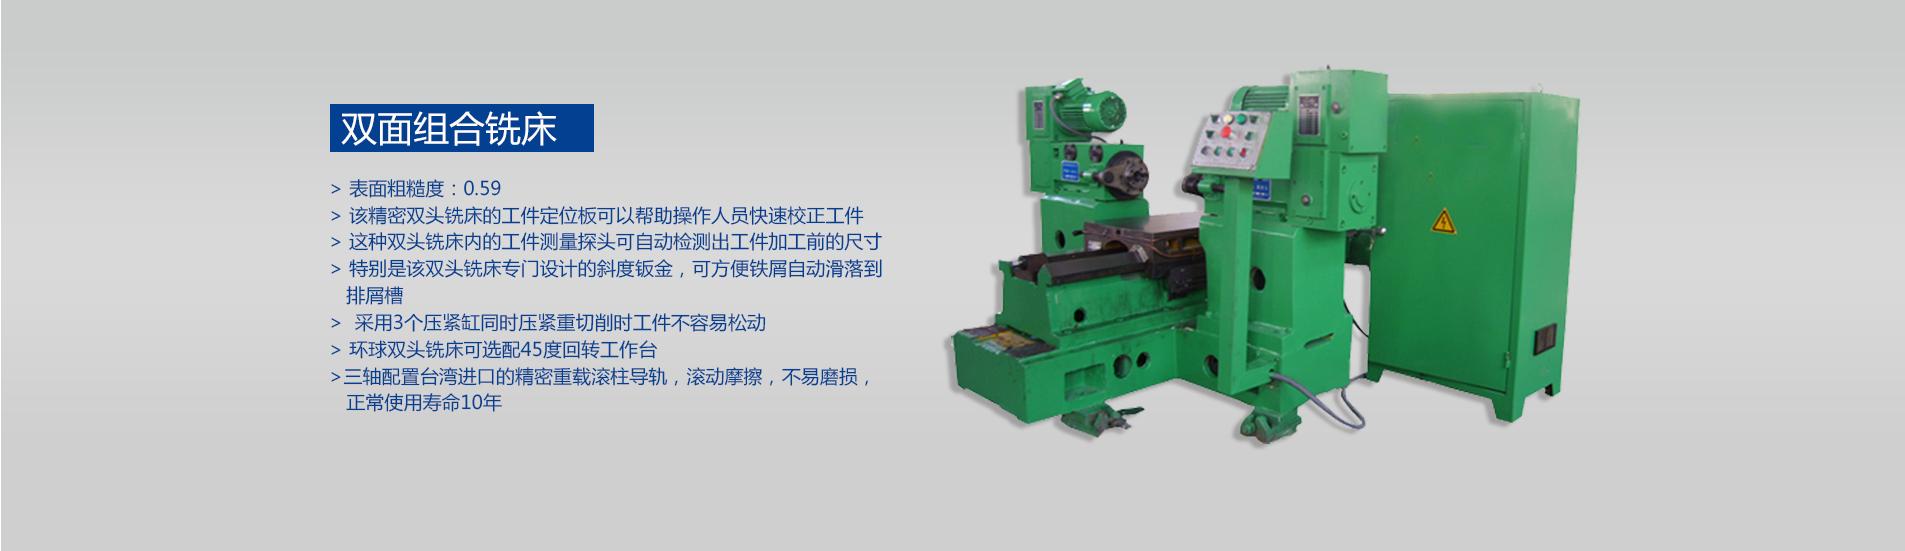 数控组合机床,自动组合机床,新型组合机床